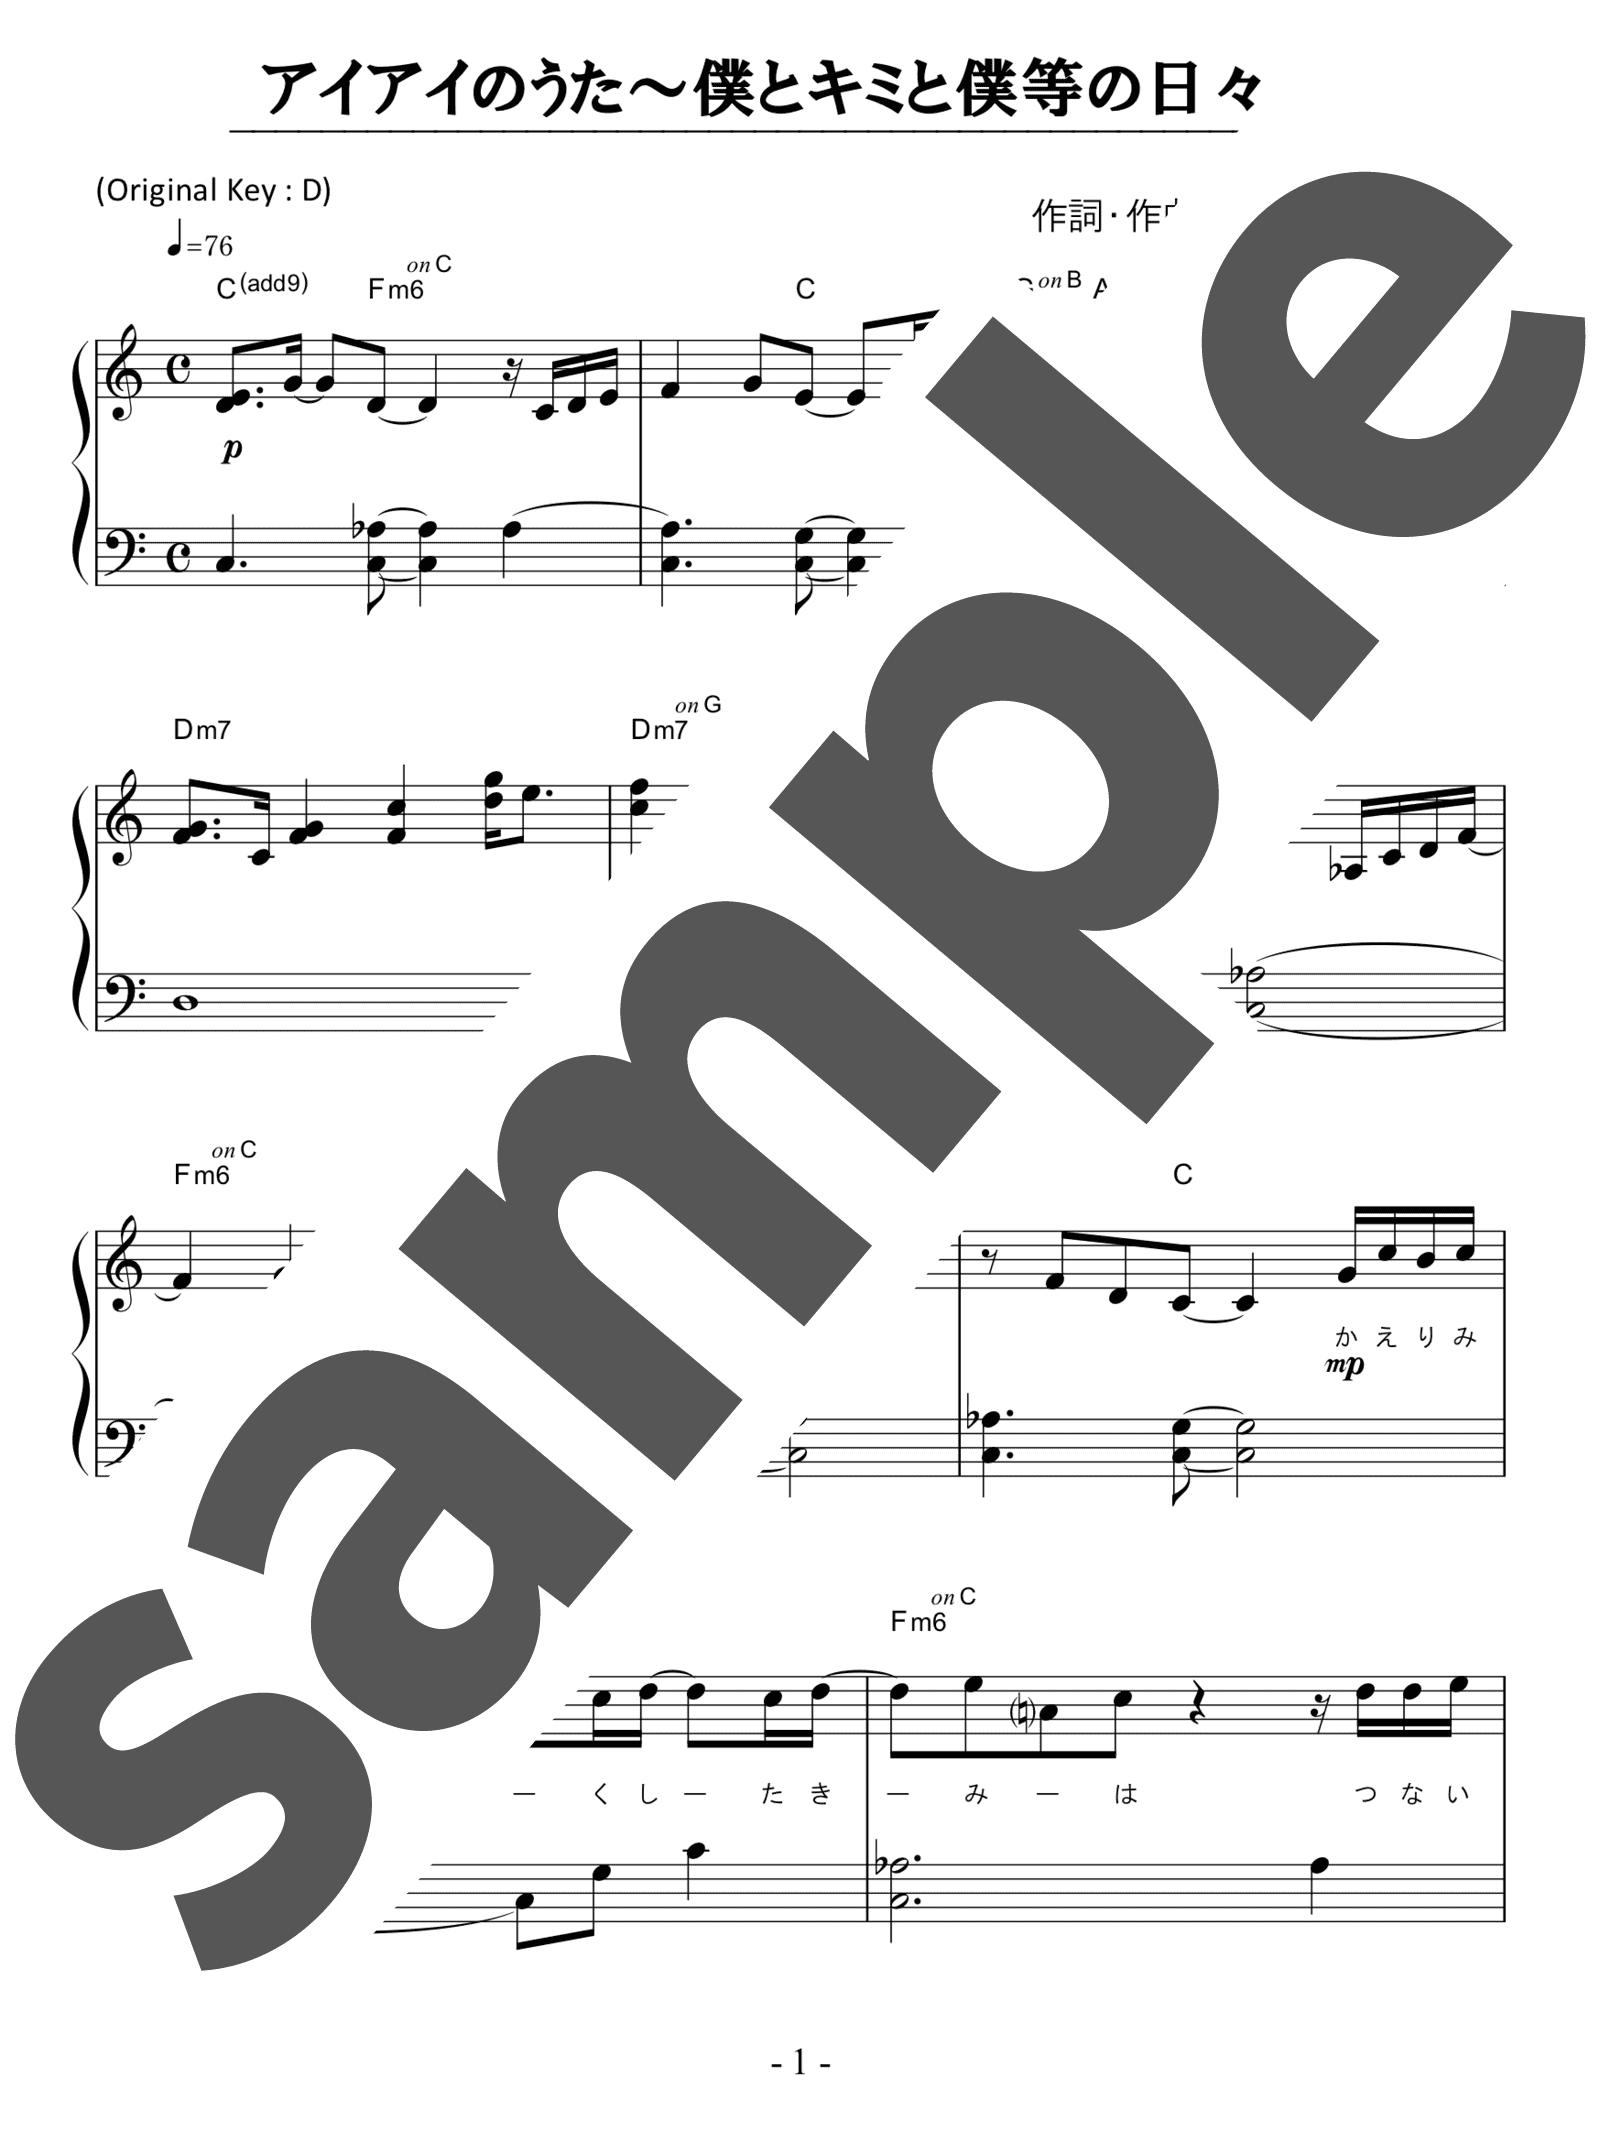 「アイアイのうた~僕とキミと僕等の日々~」のサンプル楽譜